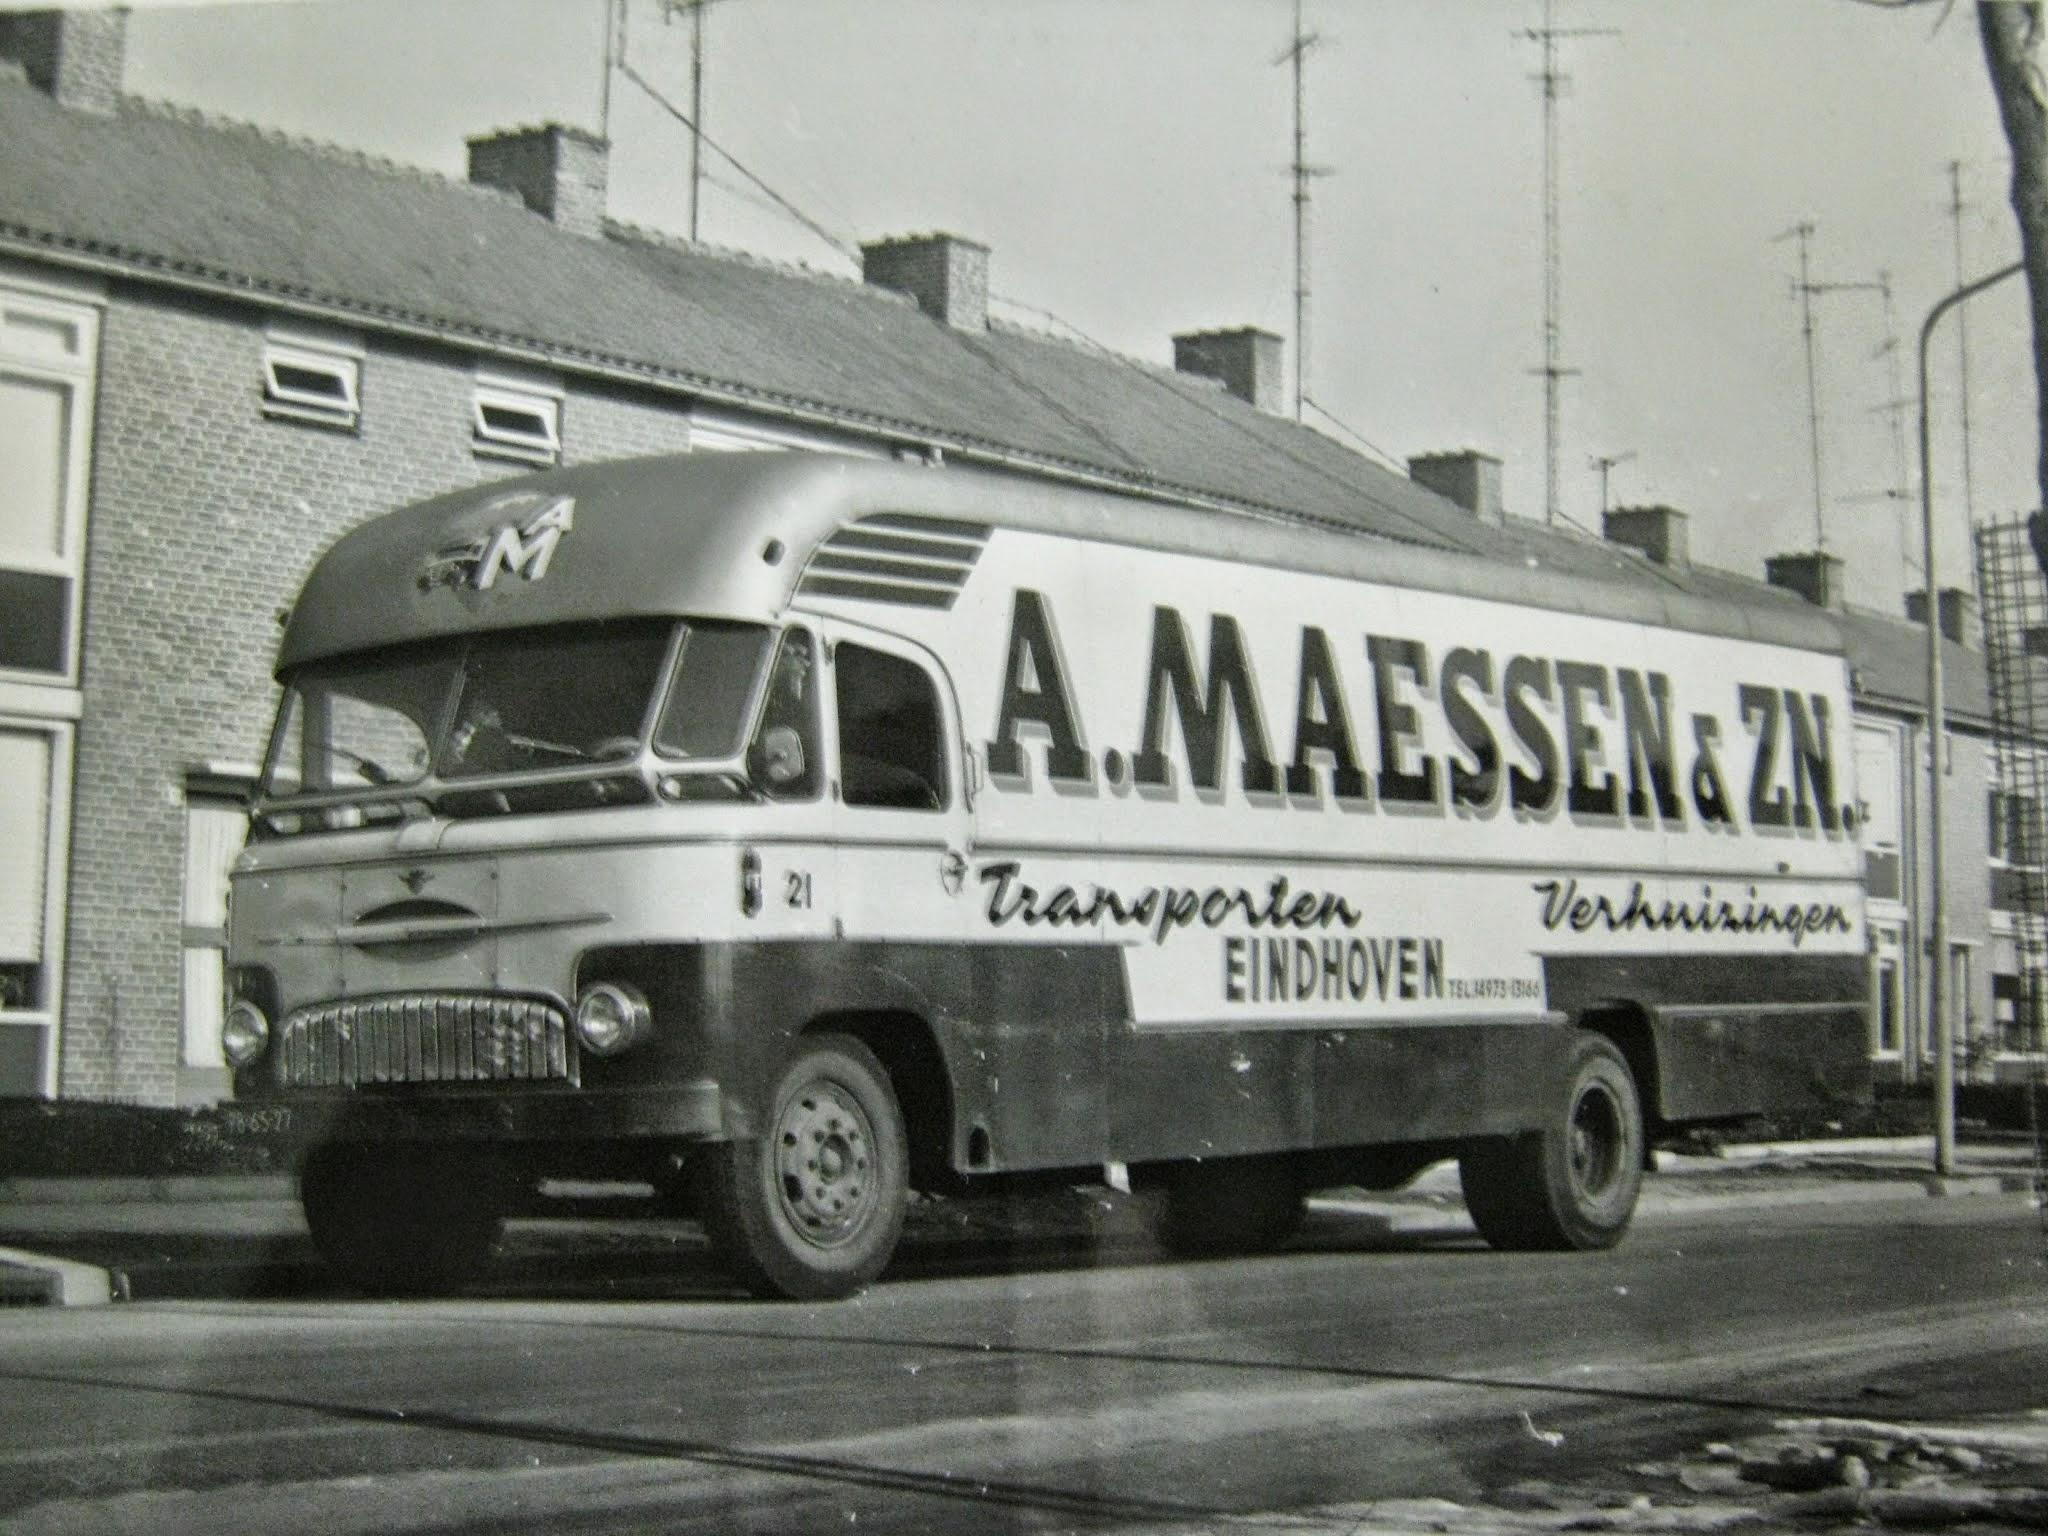 daf-verhuiswagens-tapisseres-2